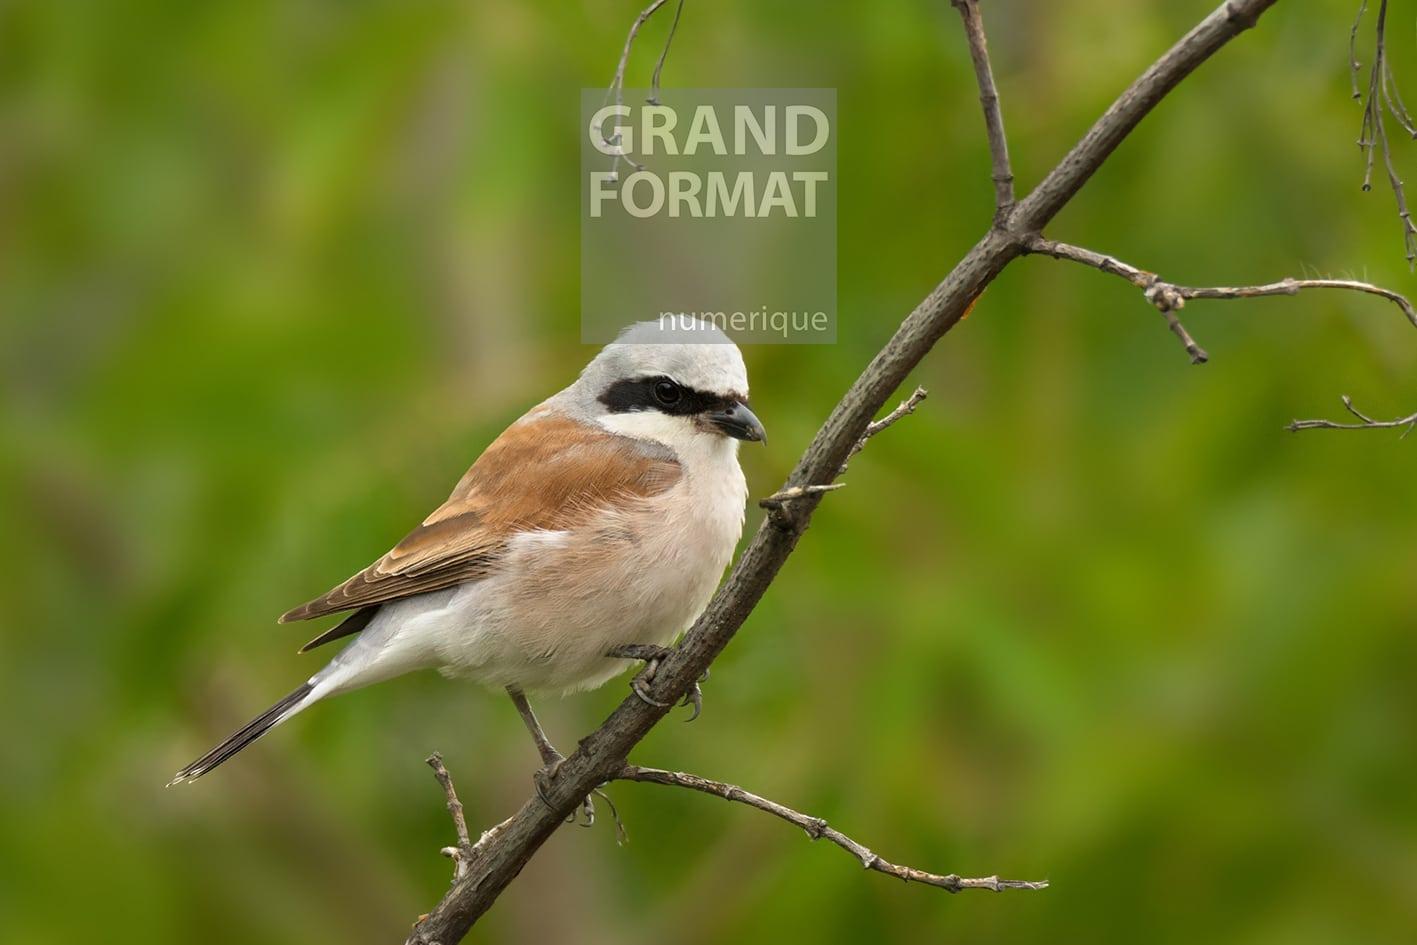 Oiseaux nature photo impression et toile